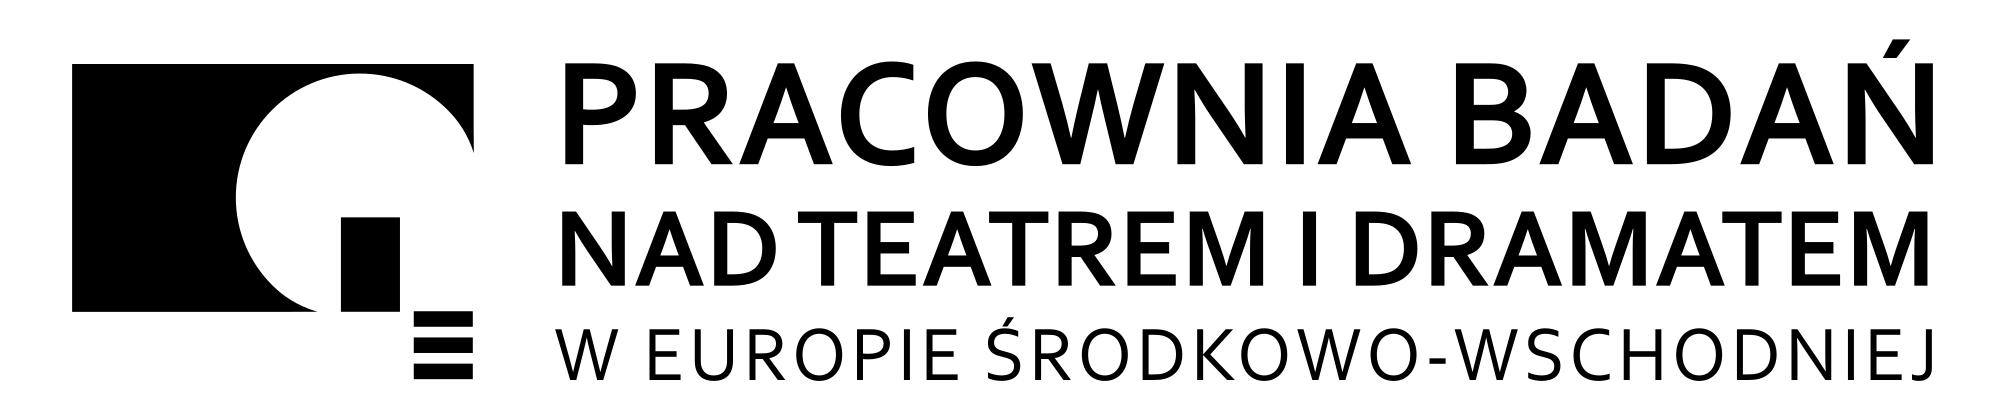 Pracownia Badań nad Teatrem i Dramatem Europy Środkowo-Wschodniej